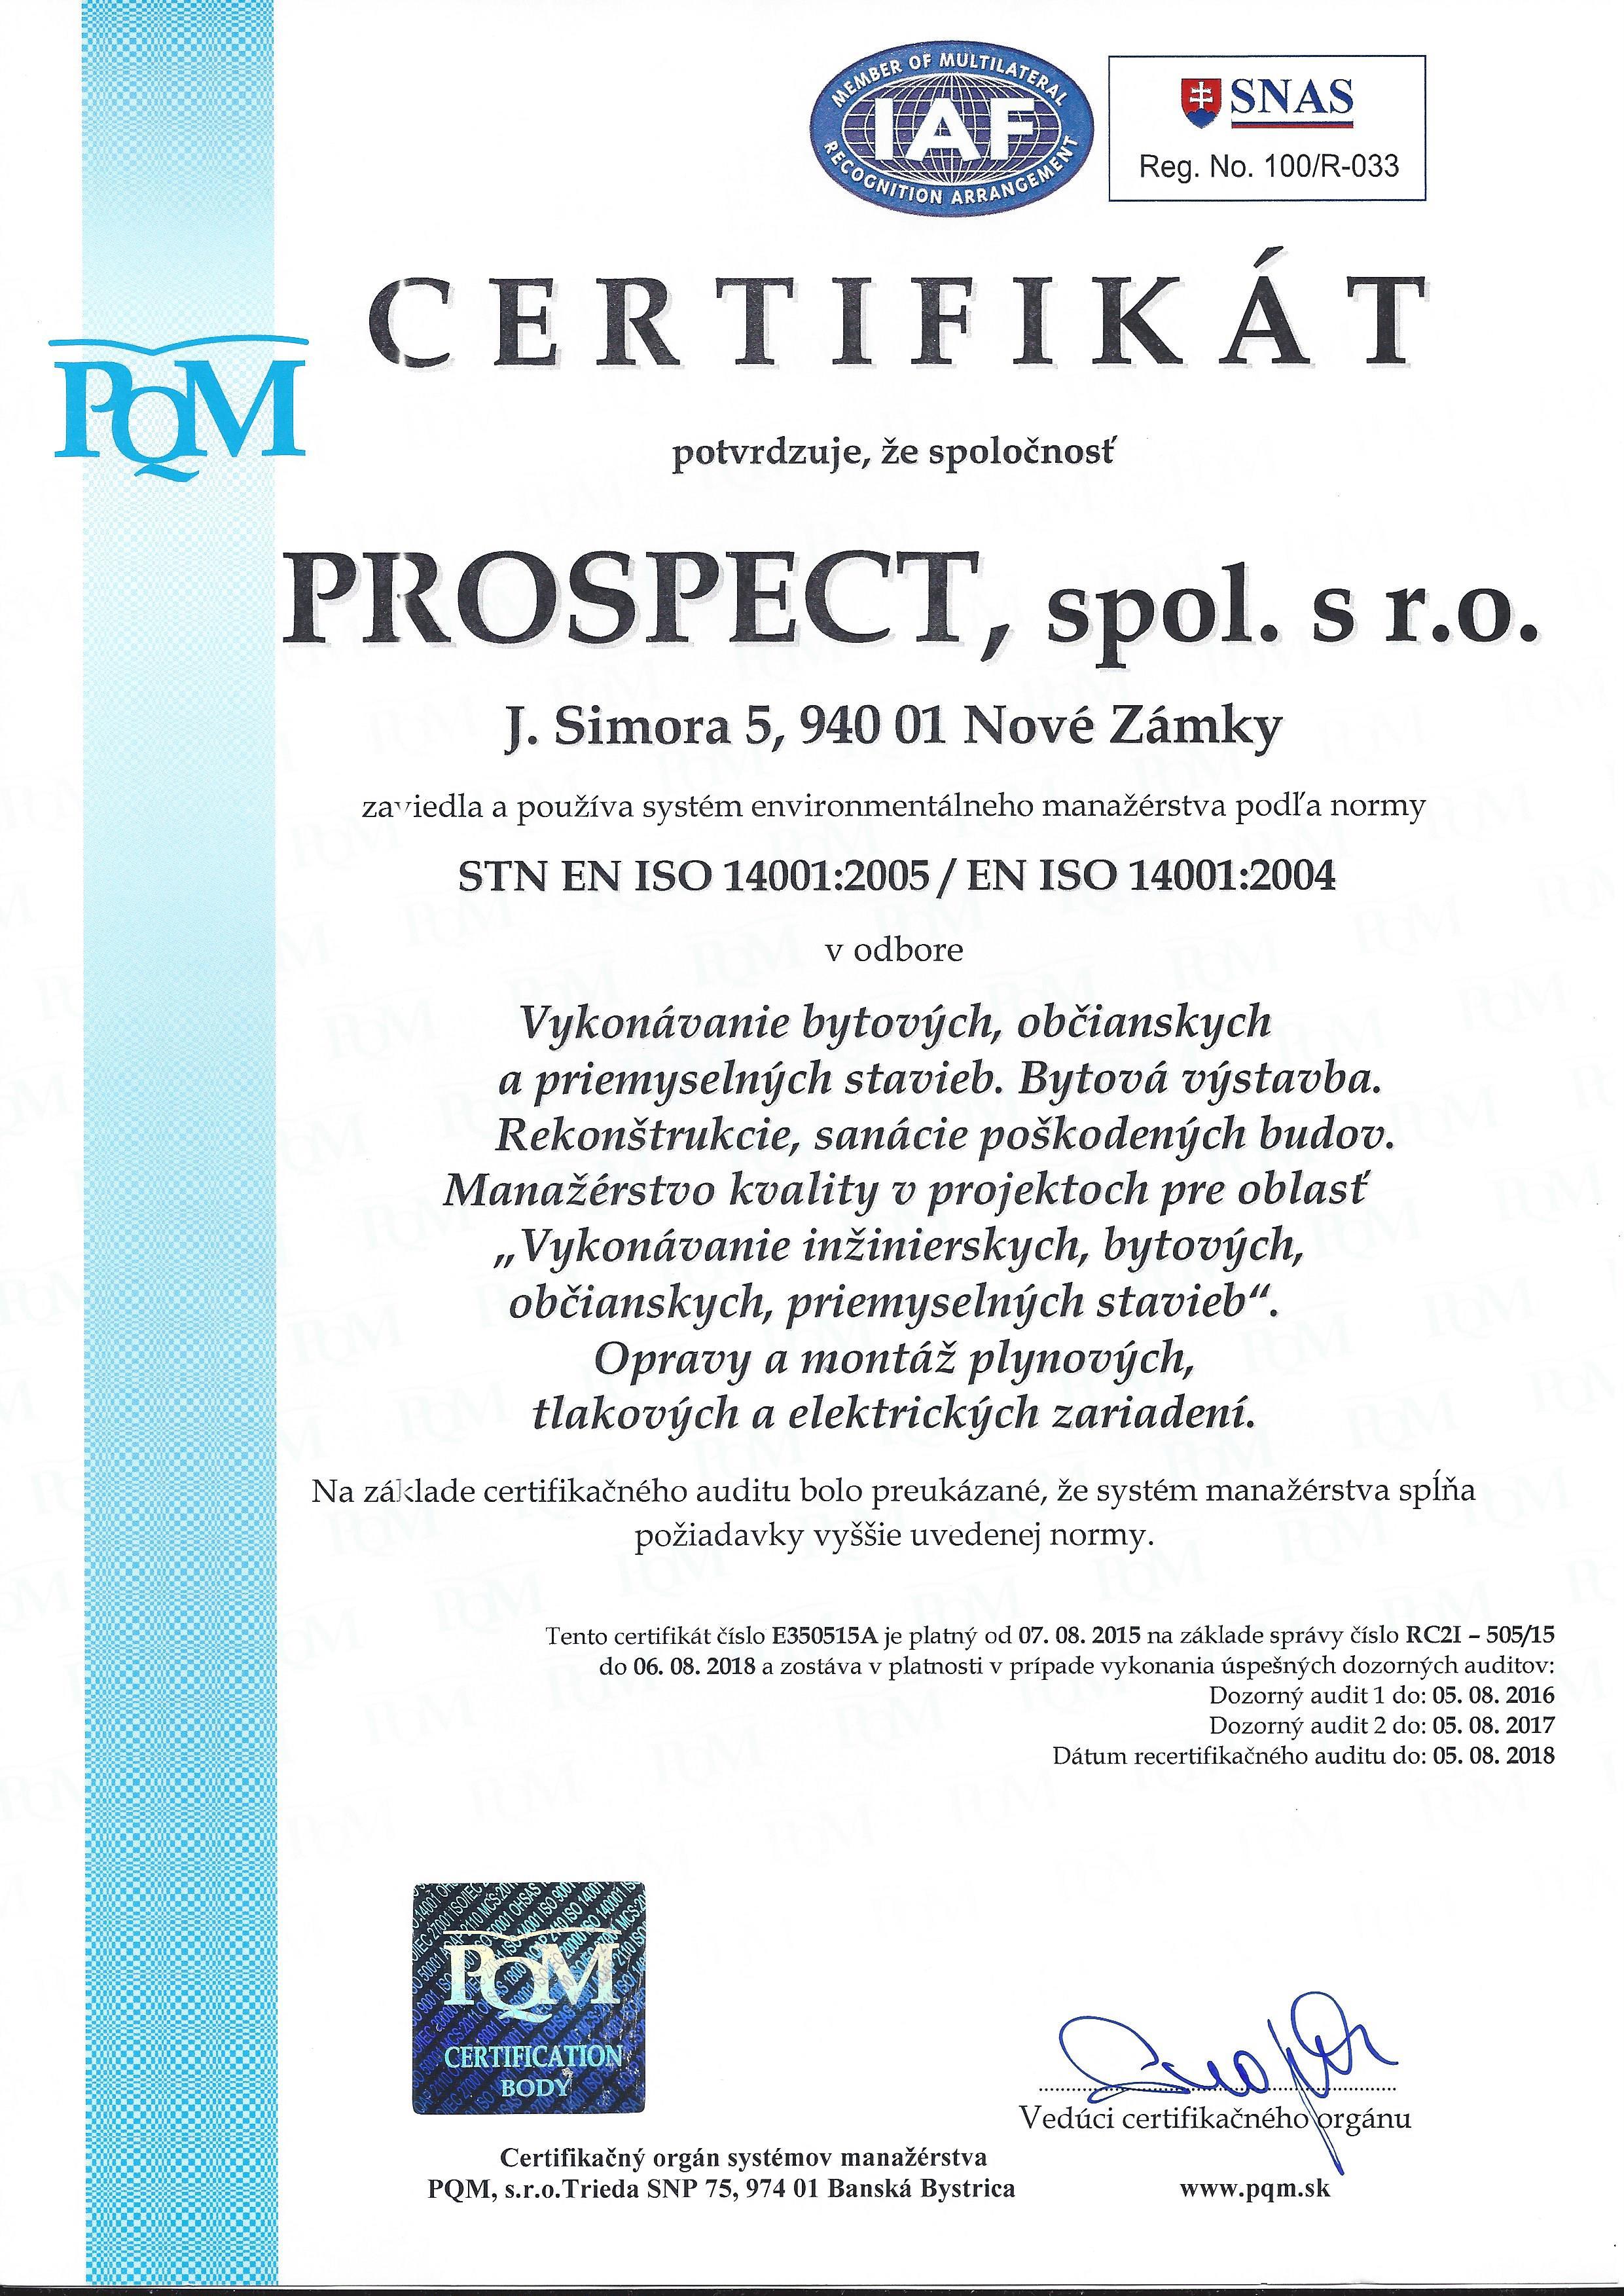 CERTIFIKÁT-STN-EN-ISO-14001-2005-EN-ISO-14001-2004